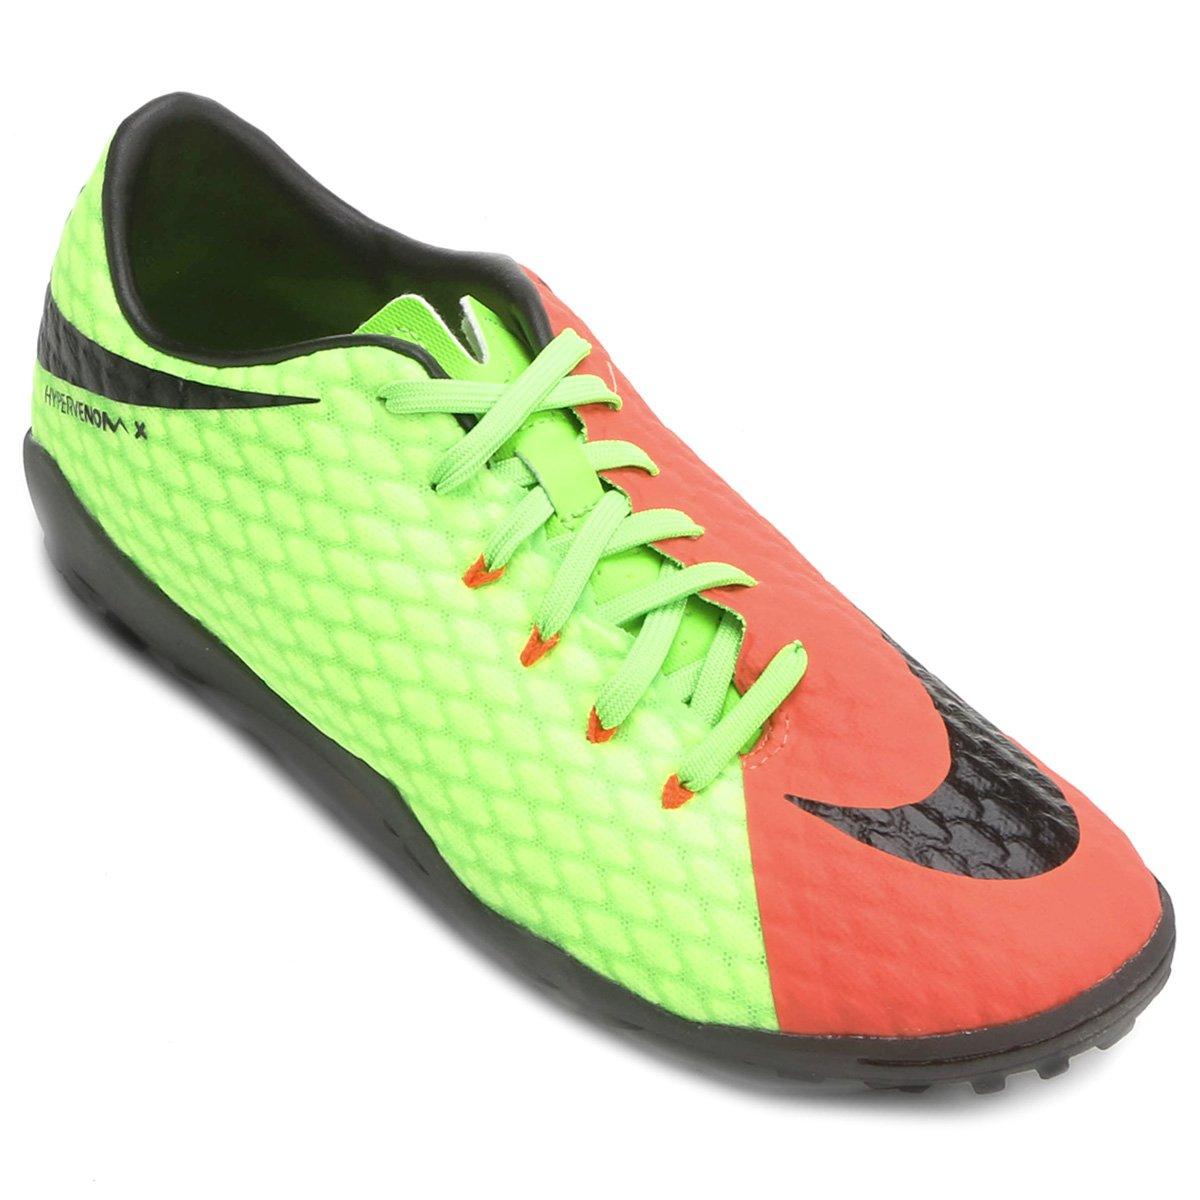 Chuteira Society Nike Hypervenom Phelon 3 TF